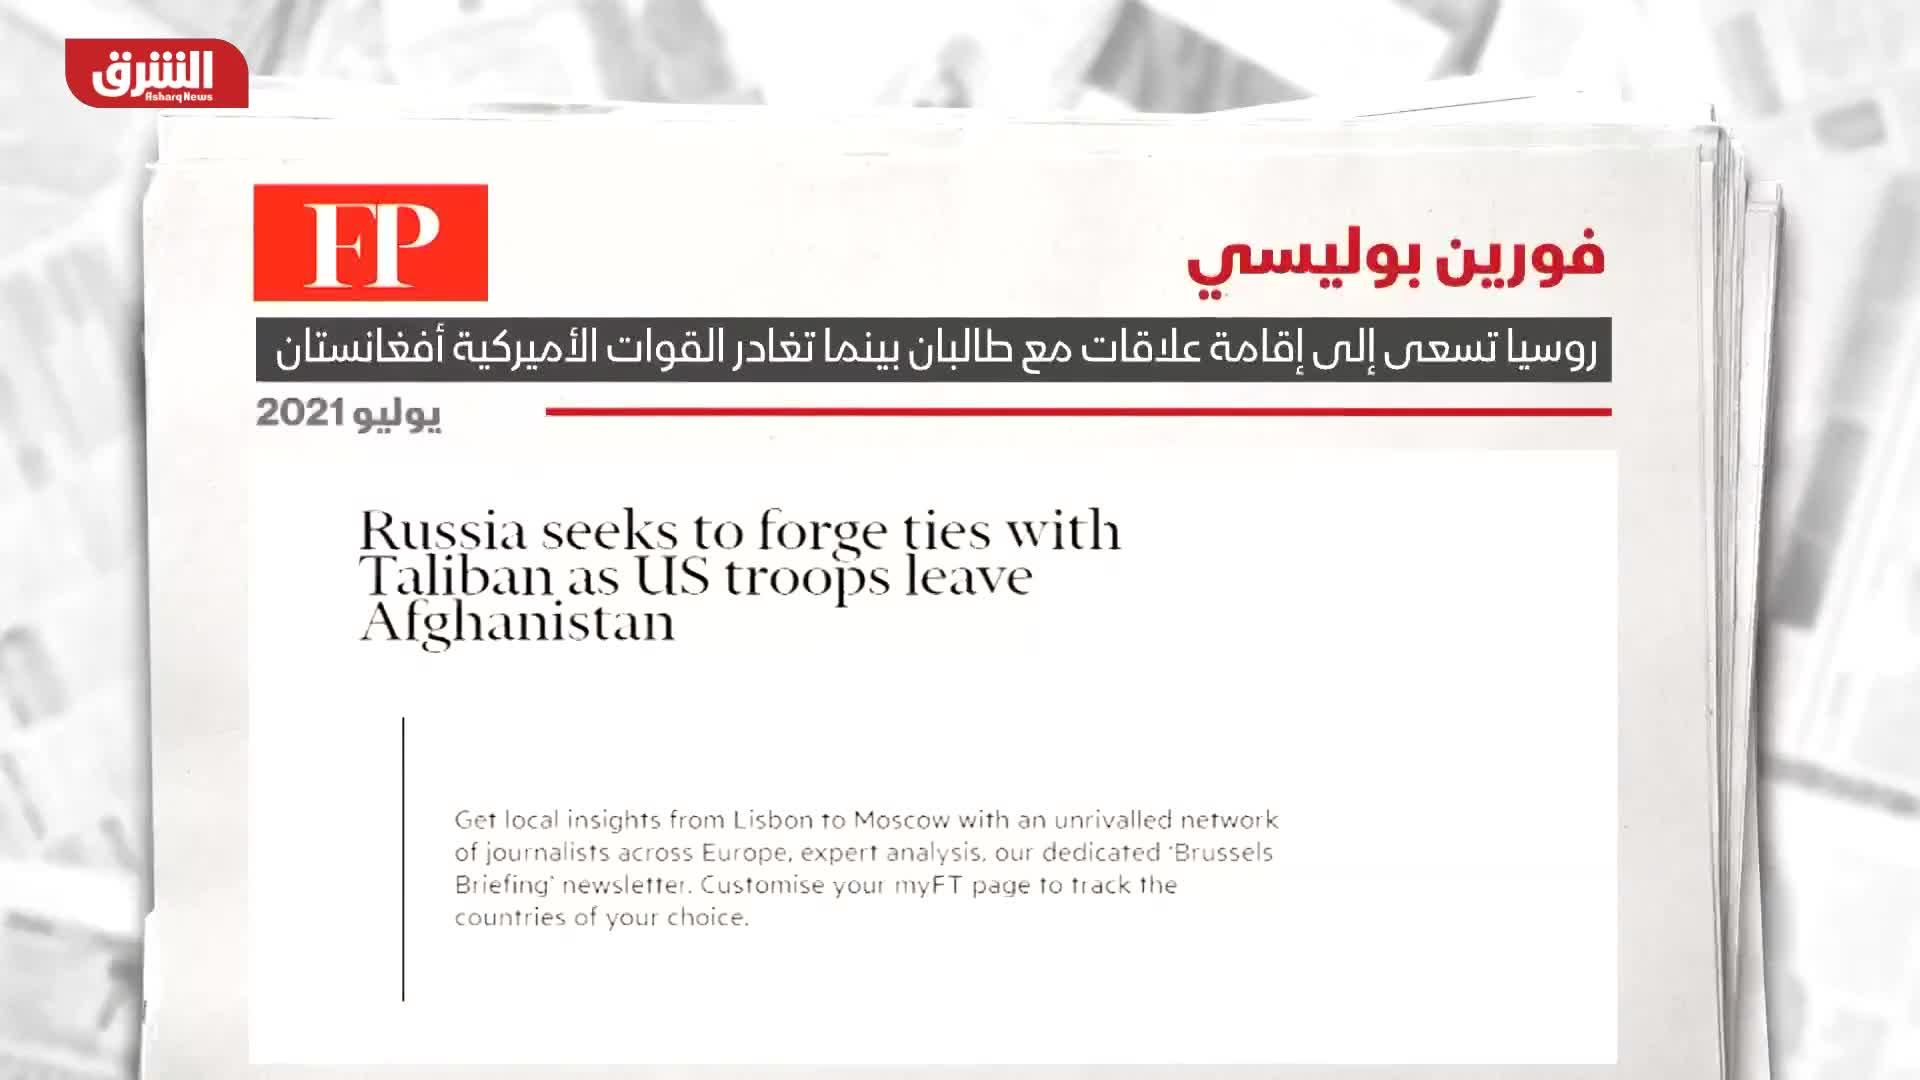 فورين بوليسي: روسيا تسعى إلى إقامة علاقات مع طالبان بينما تغادر القوات الأميركية أفغانستان